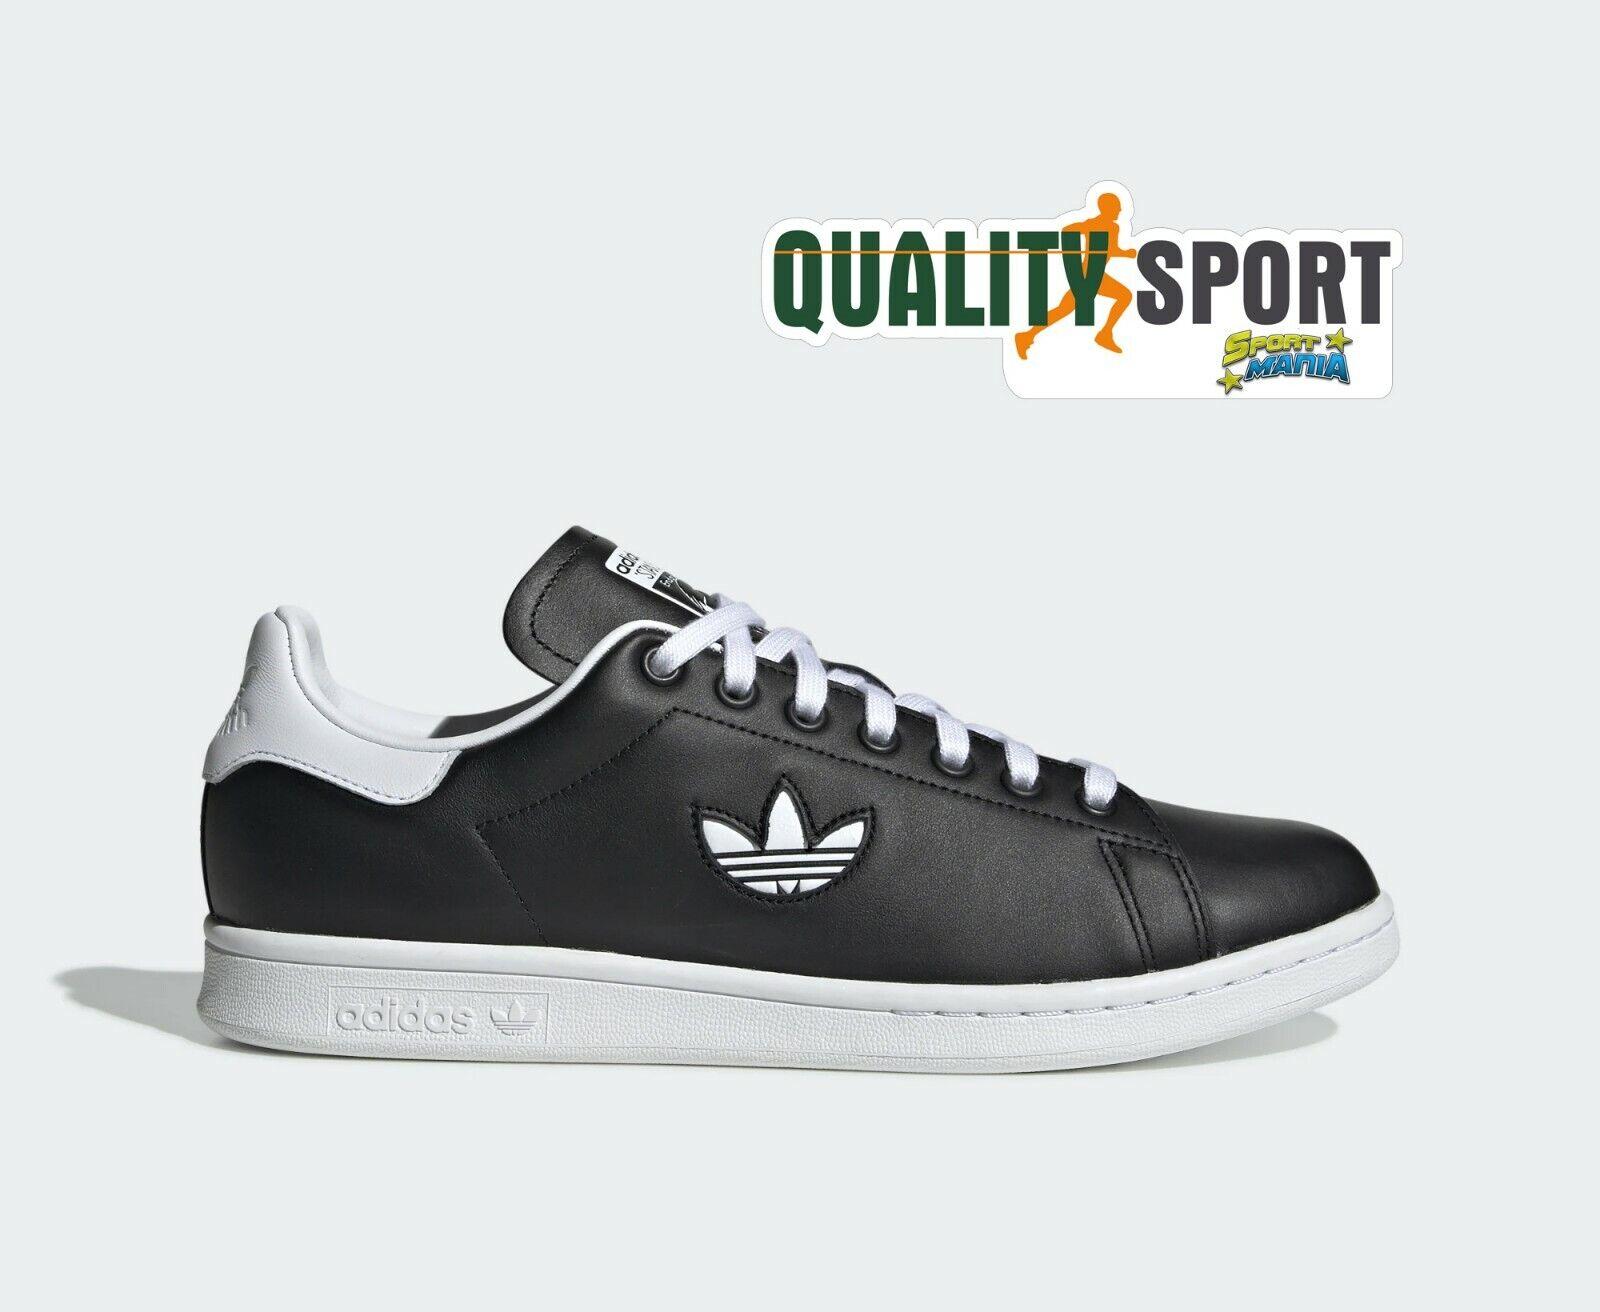 Adidas Stan Smith Smith Smith Schwarz Schuhe Herren Sport Turnschuhe Bd7452 2019  schneller Versand und bester Service